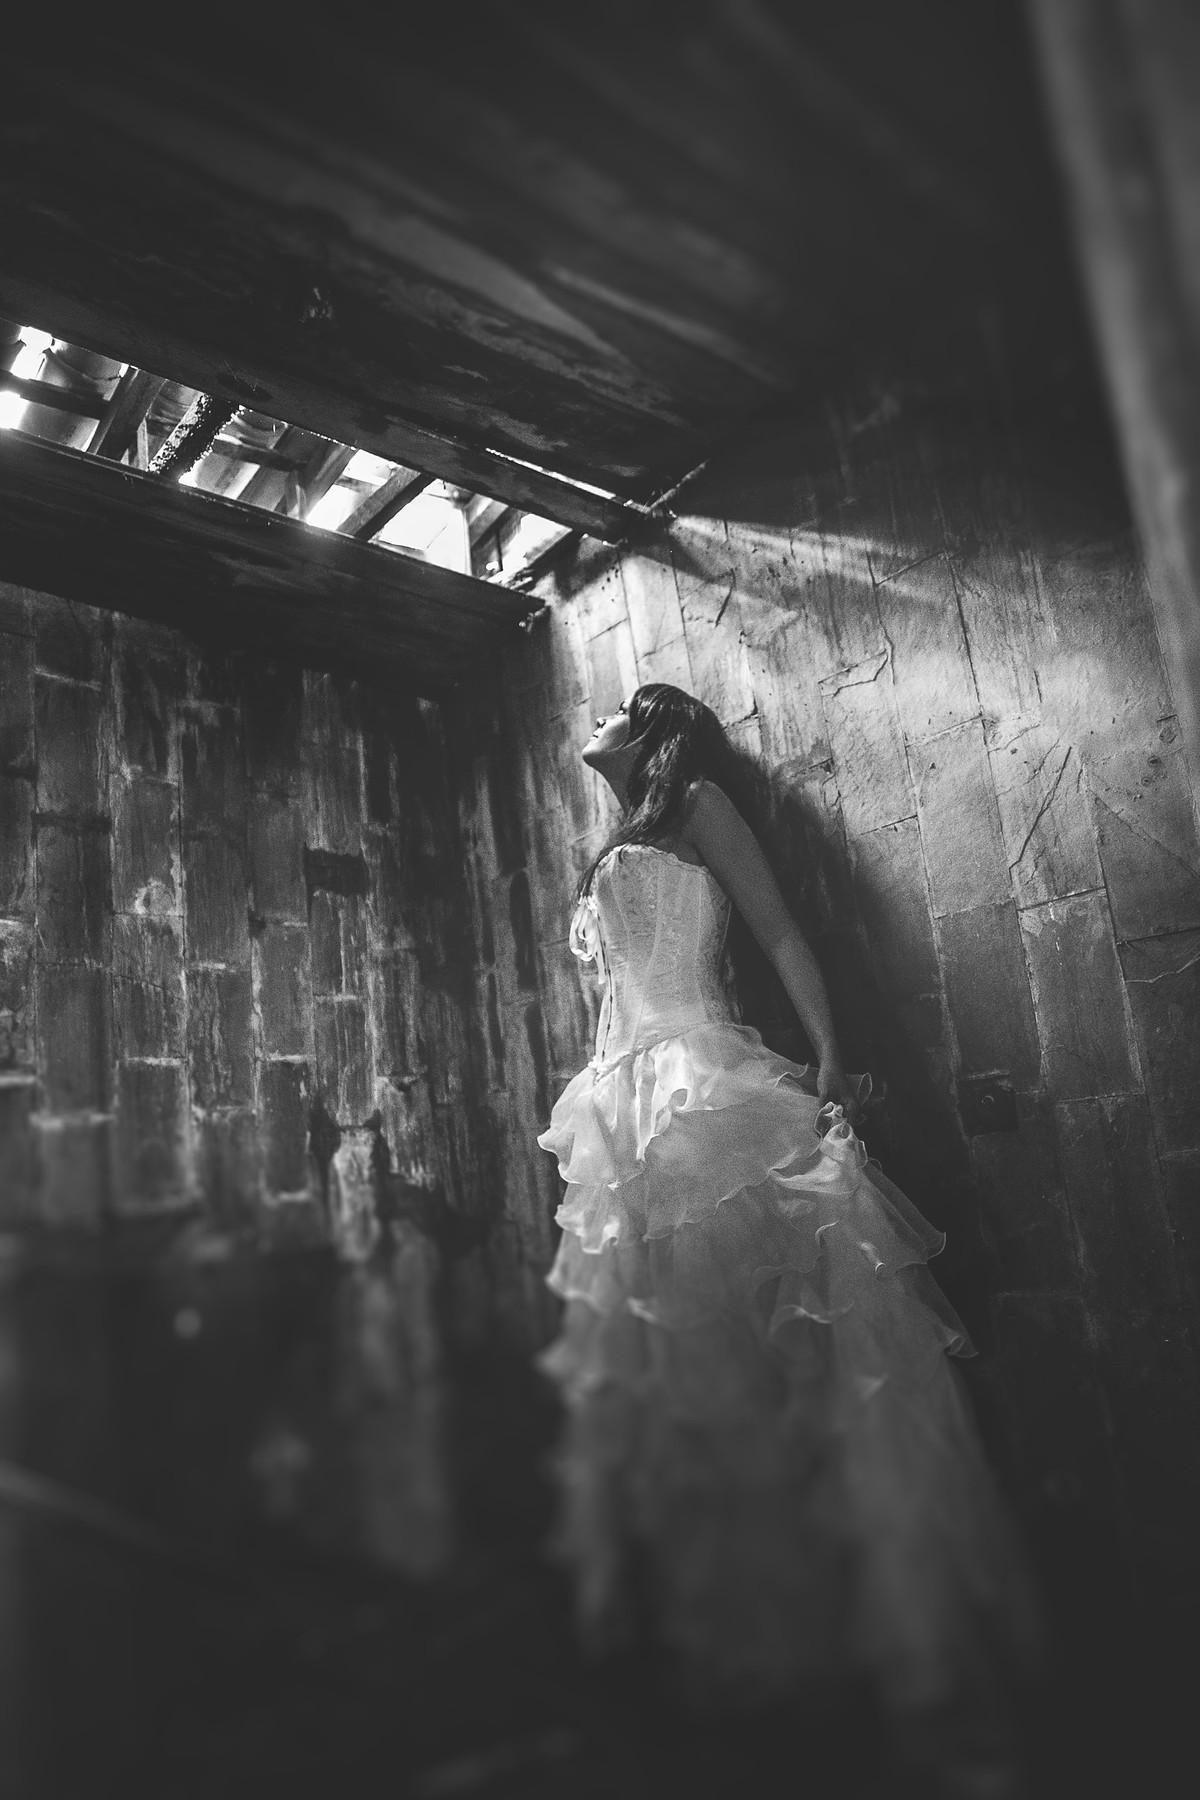 Ensaio trash the dress em uma casa abandonada feito pelo fotógrafo de casamento Rafael Ohana em Brasília-DF